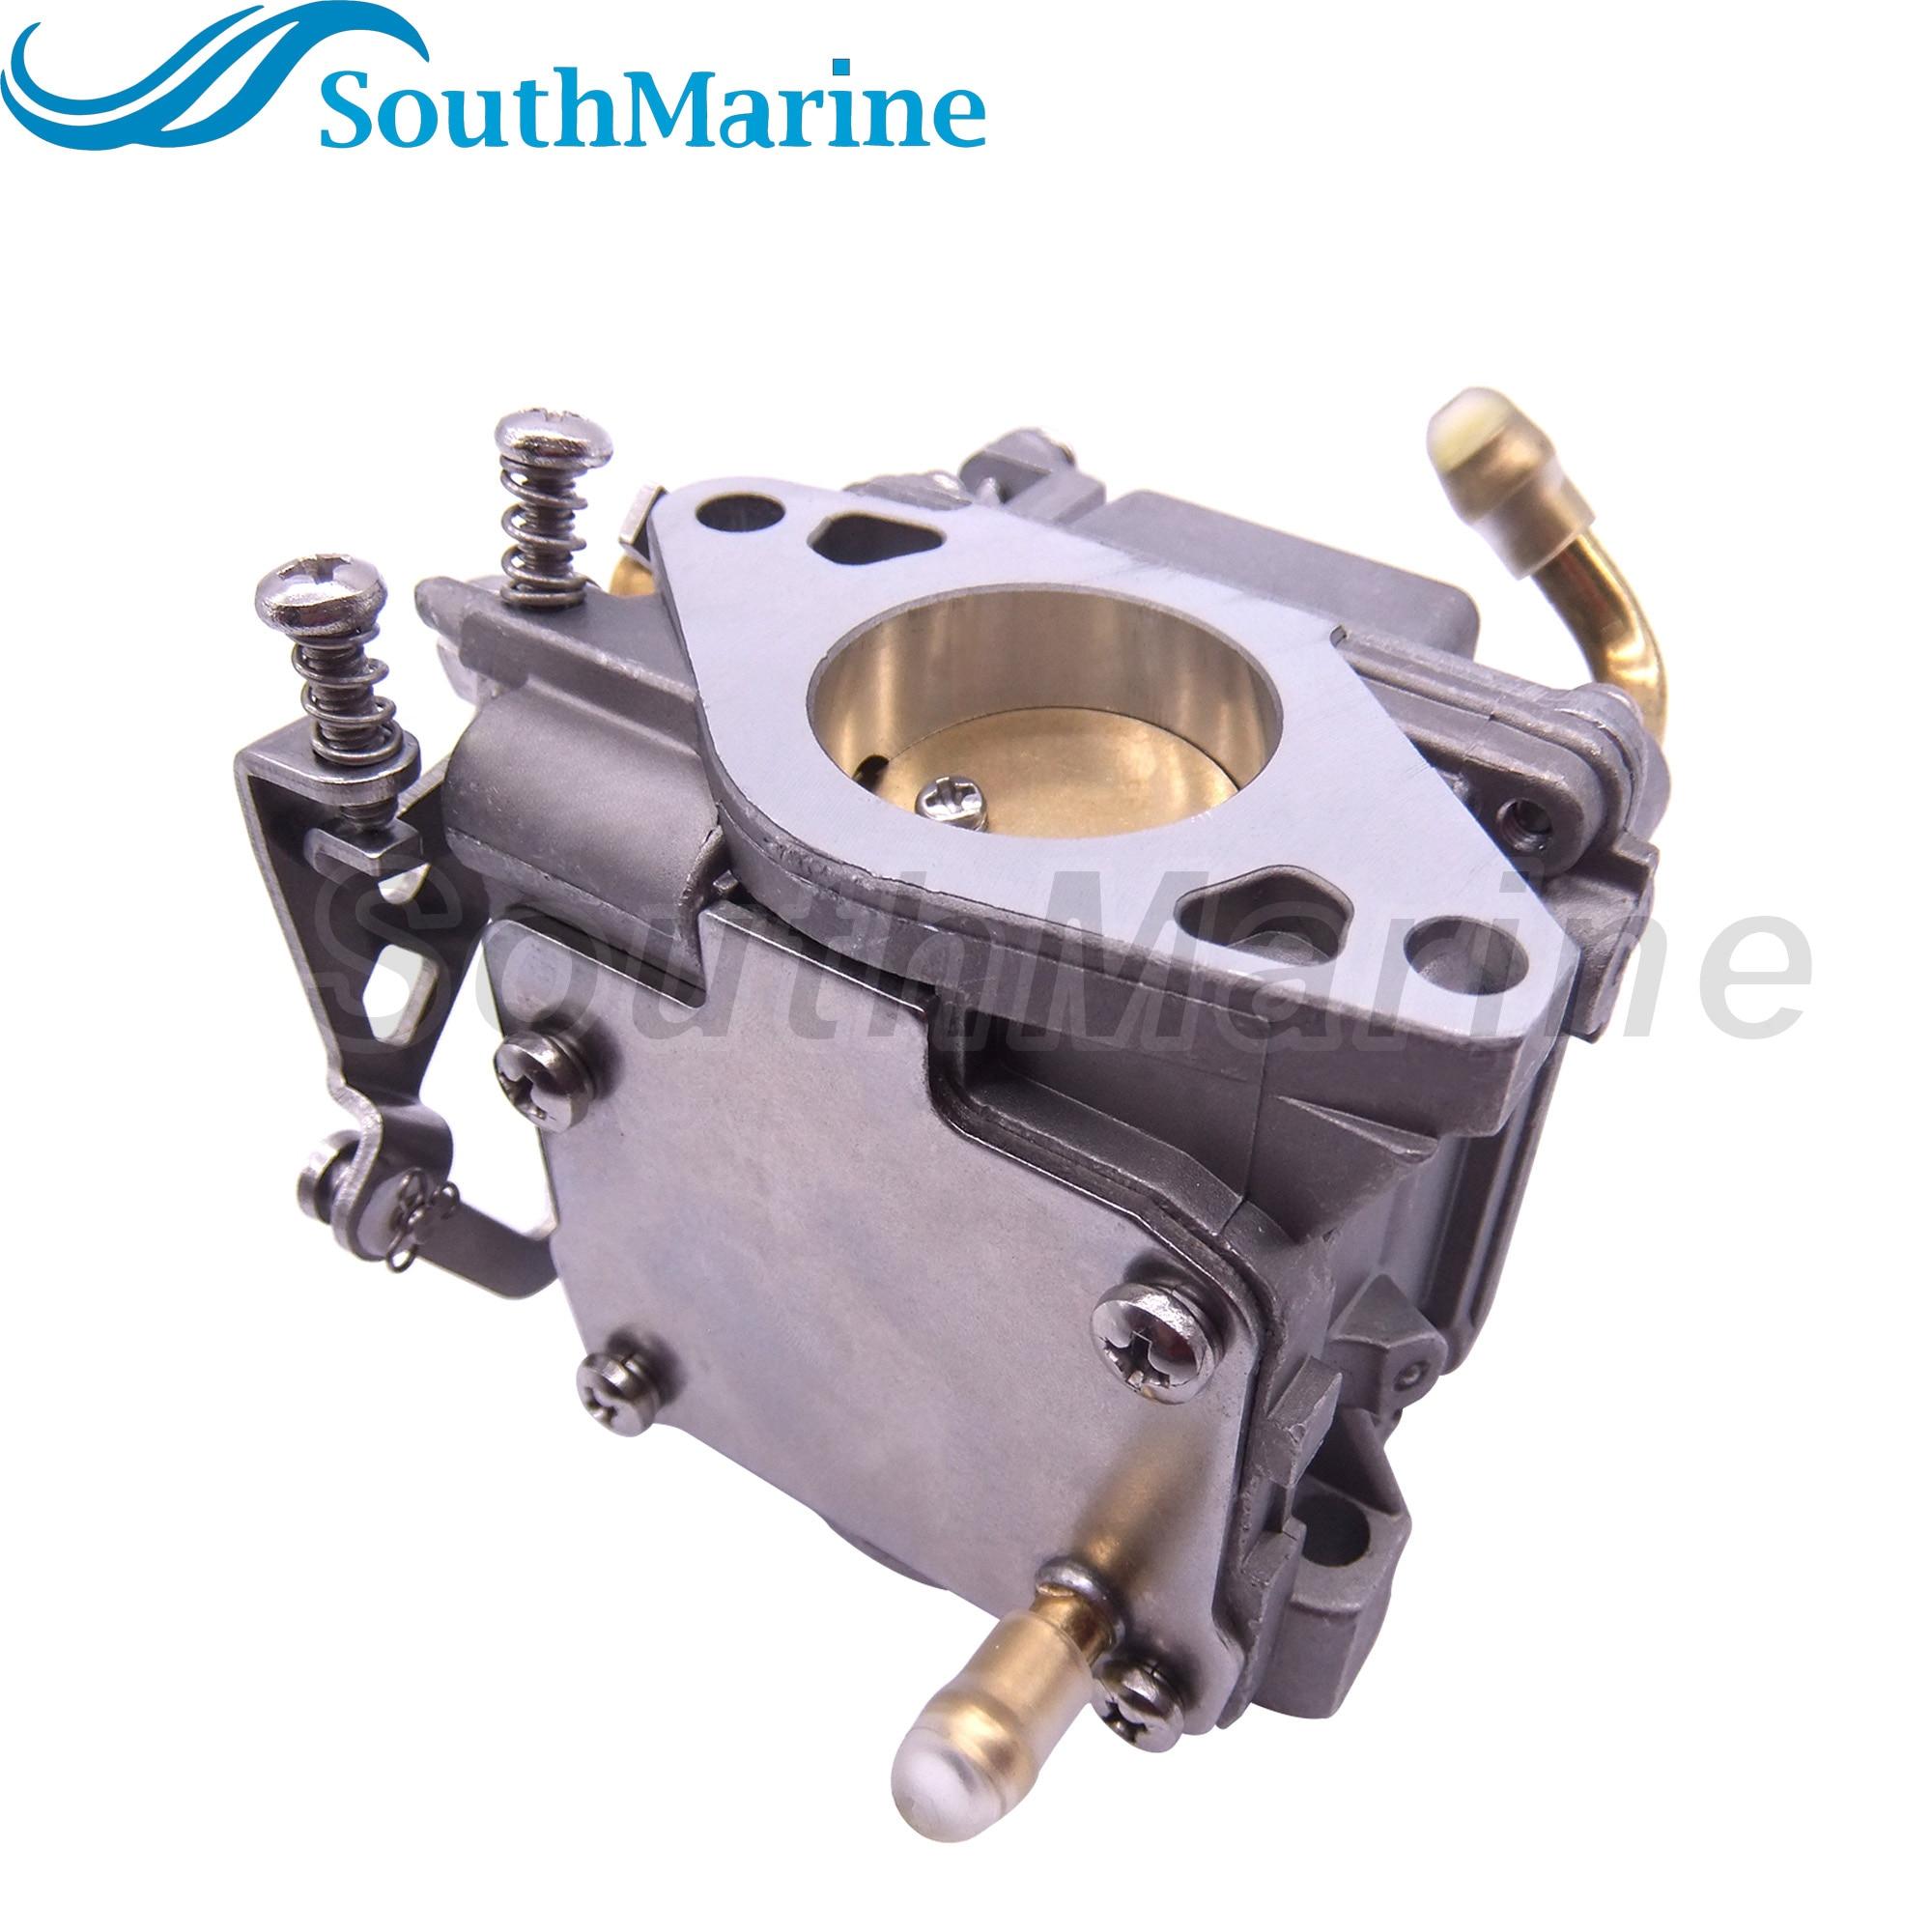 3BH-03100-0 3AZ-03133-0 3BH031000 3AZ031330 3BH031000M 3AZ031330M Carburetor Assembly For Tohatsu Nissan Outboard Eng